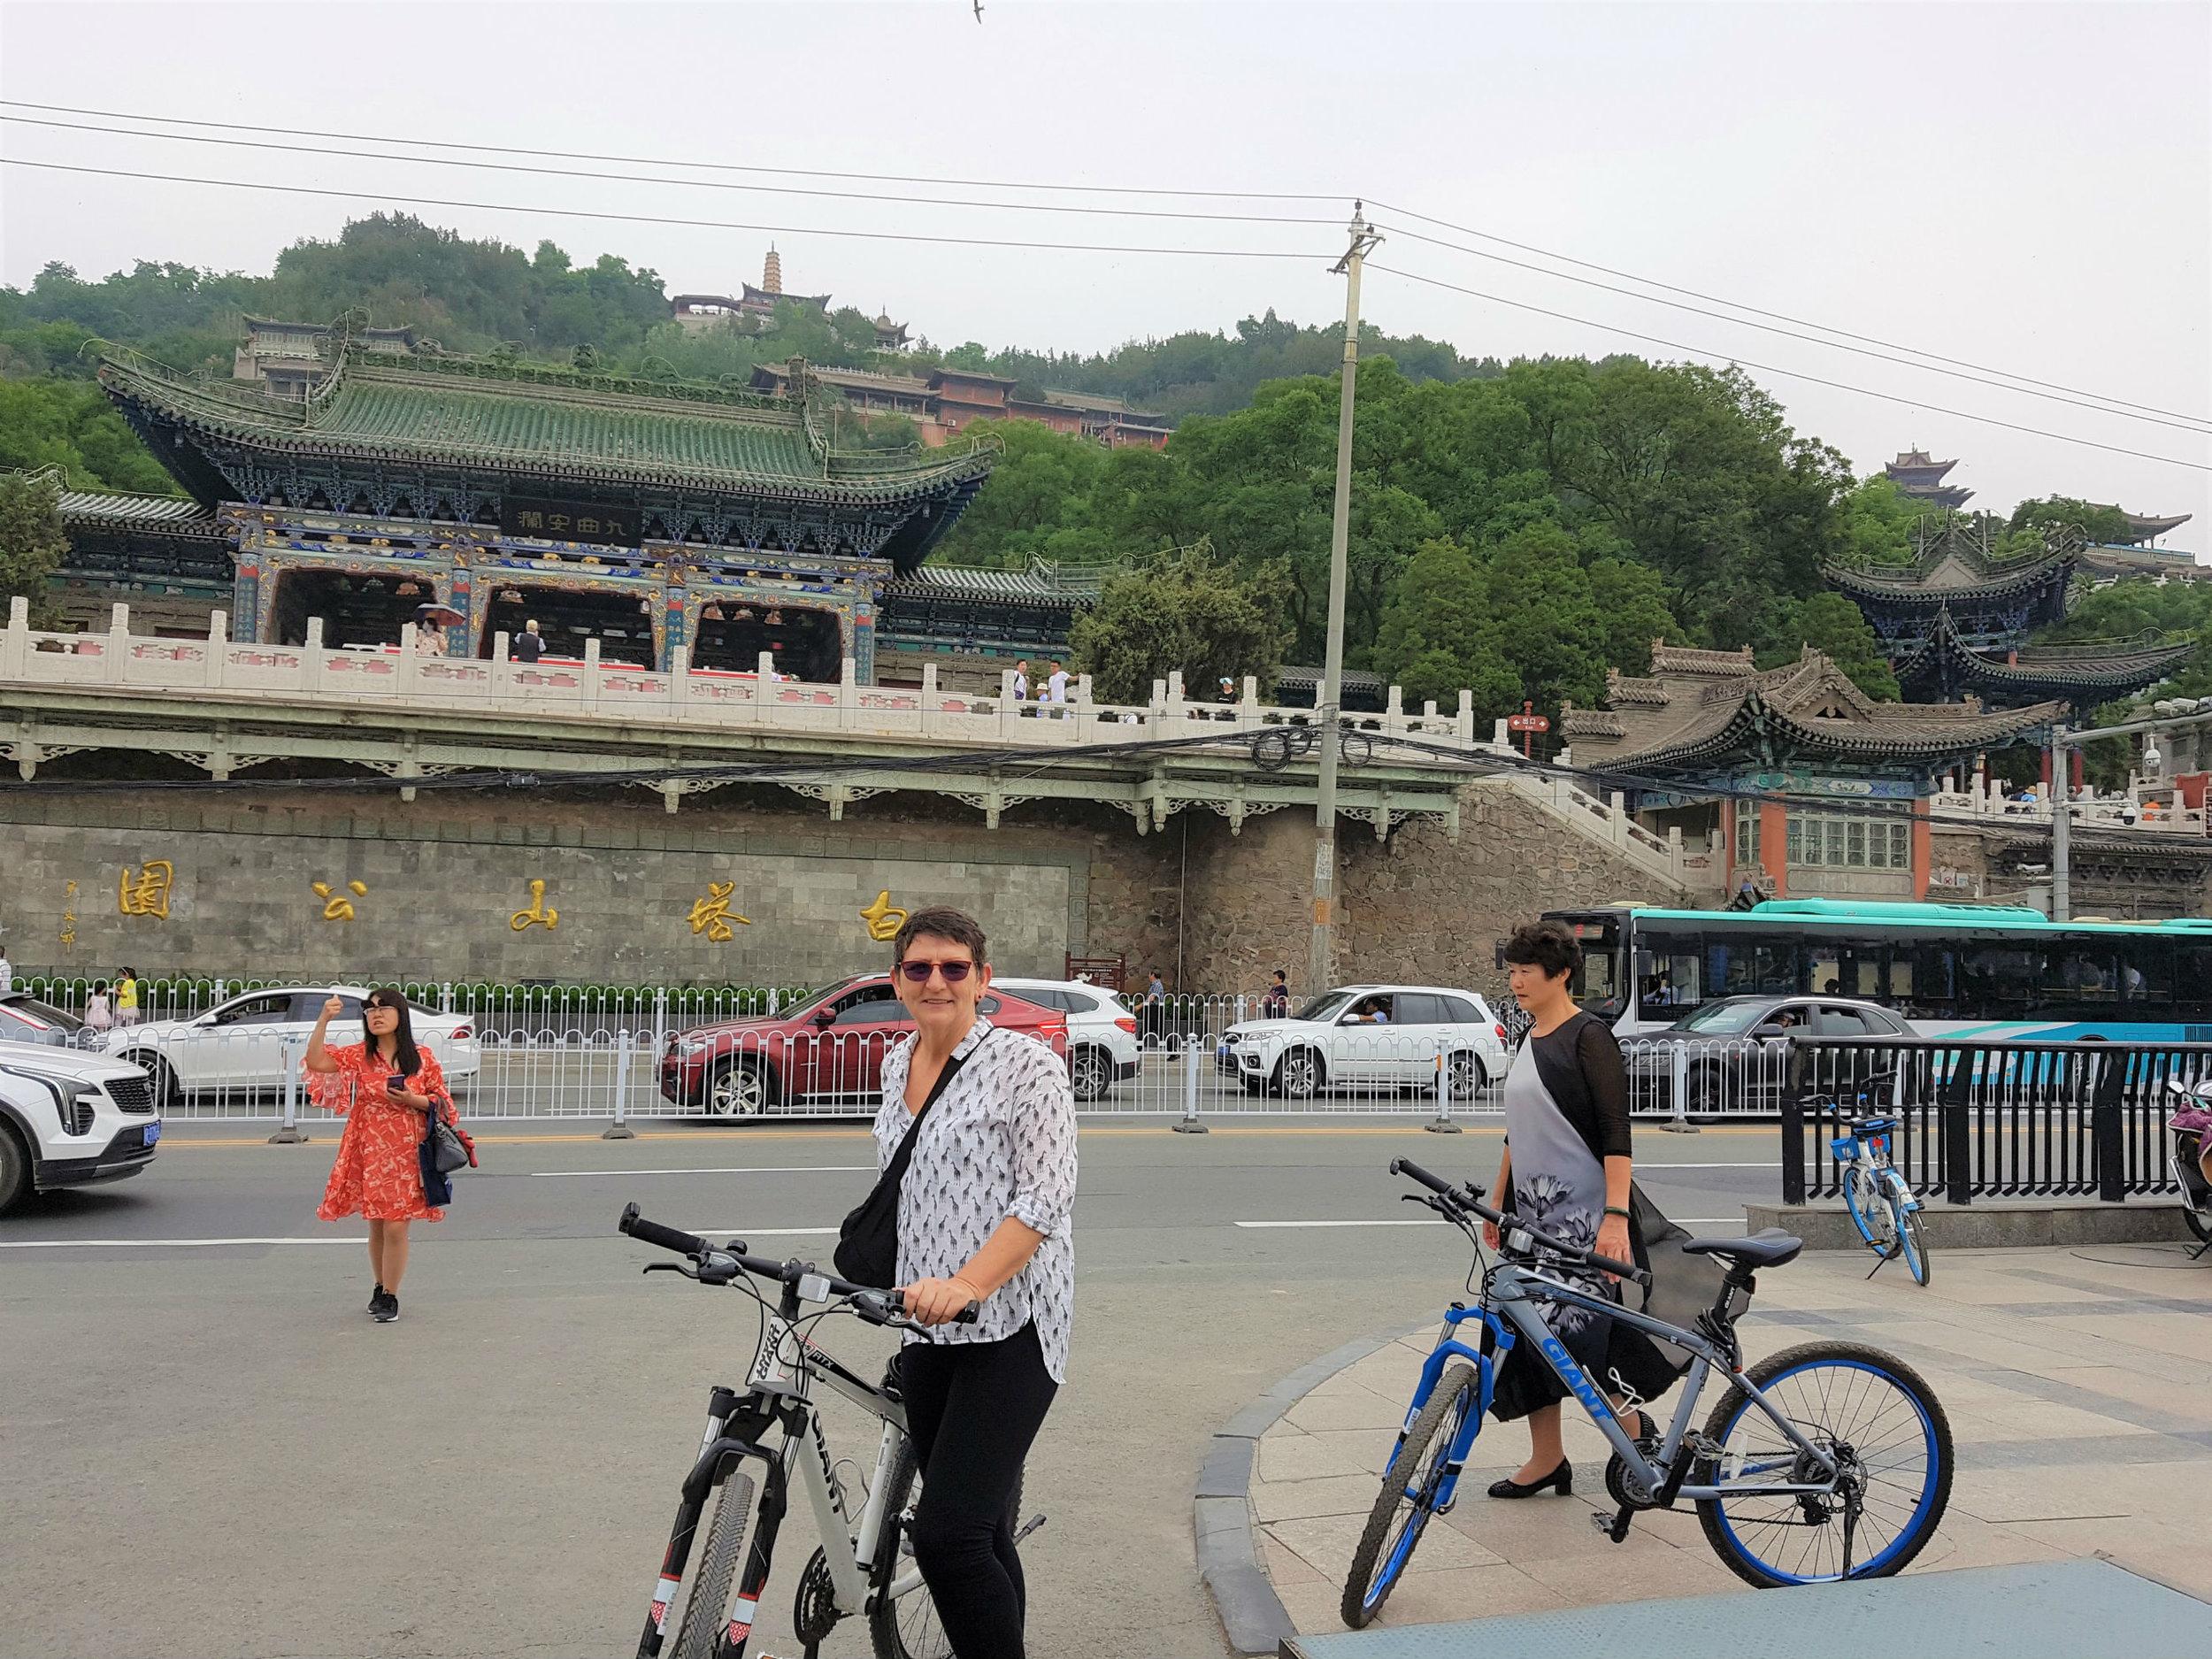 Lanzhou is a biking friendly city